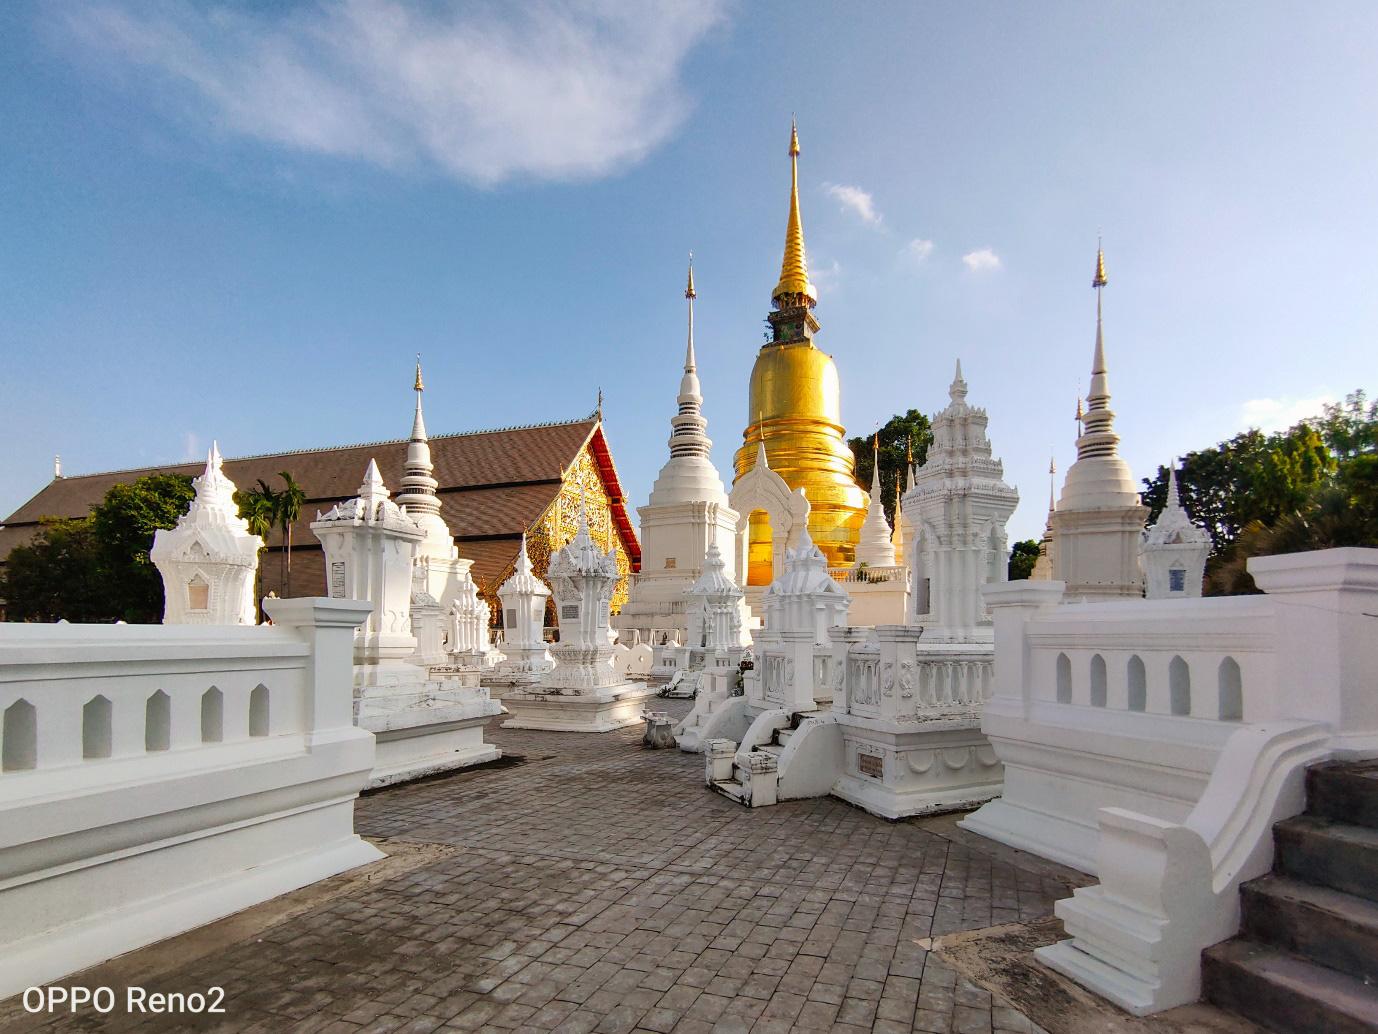 Khám phá vẻ đẹp cổ kính và thanh bình của Chiang Mai qua ống kính OPPO Reno2 - Ảnh 1.